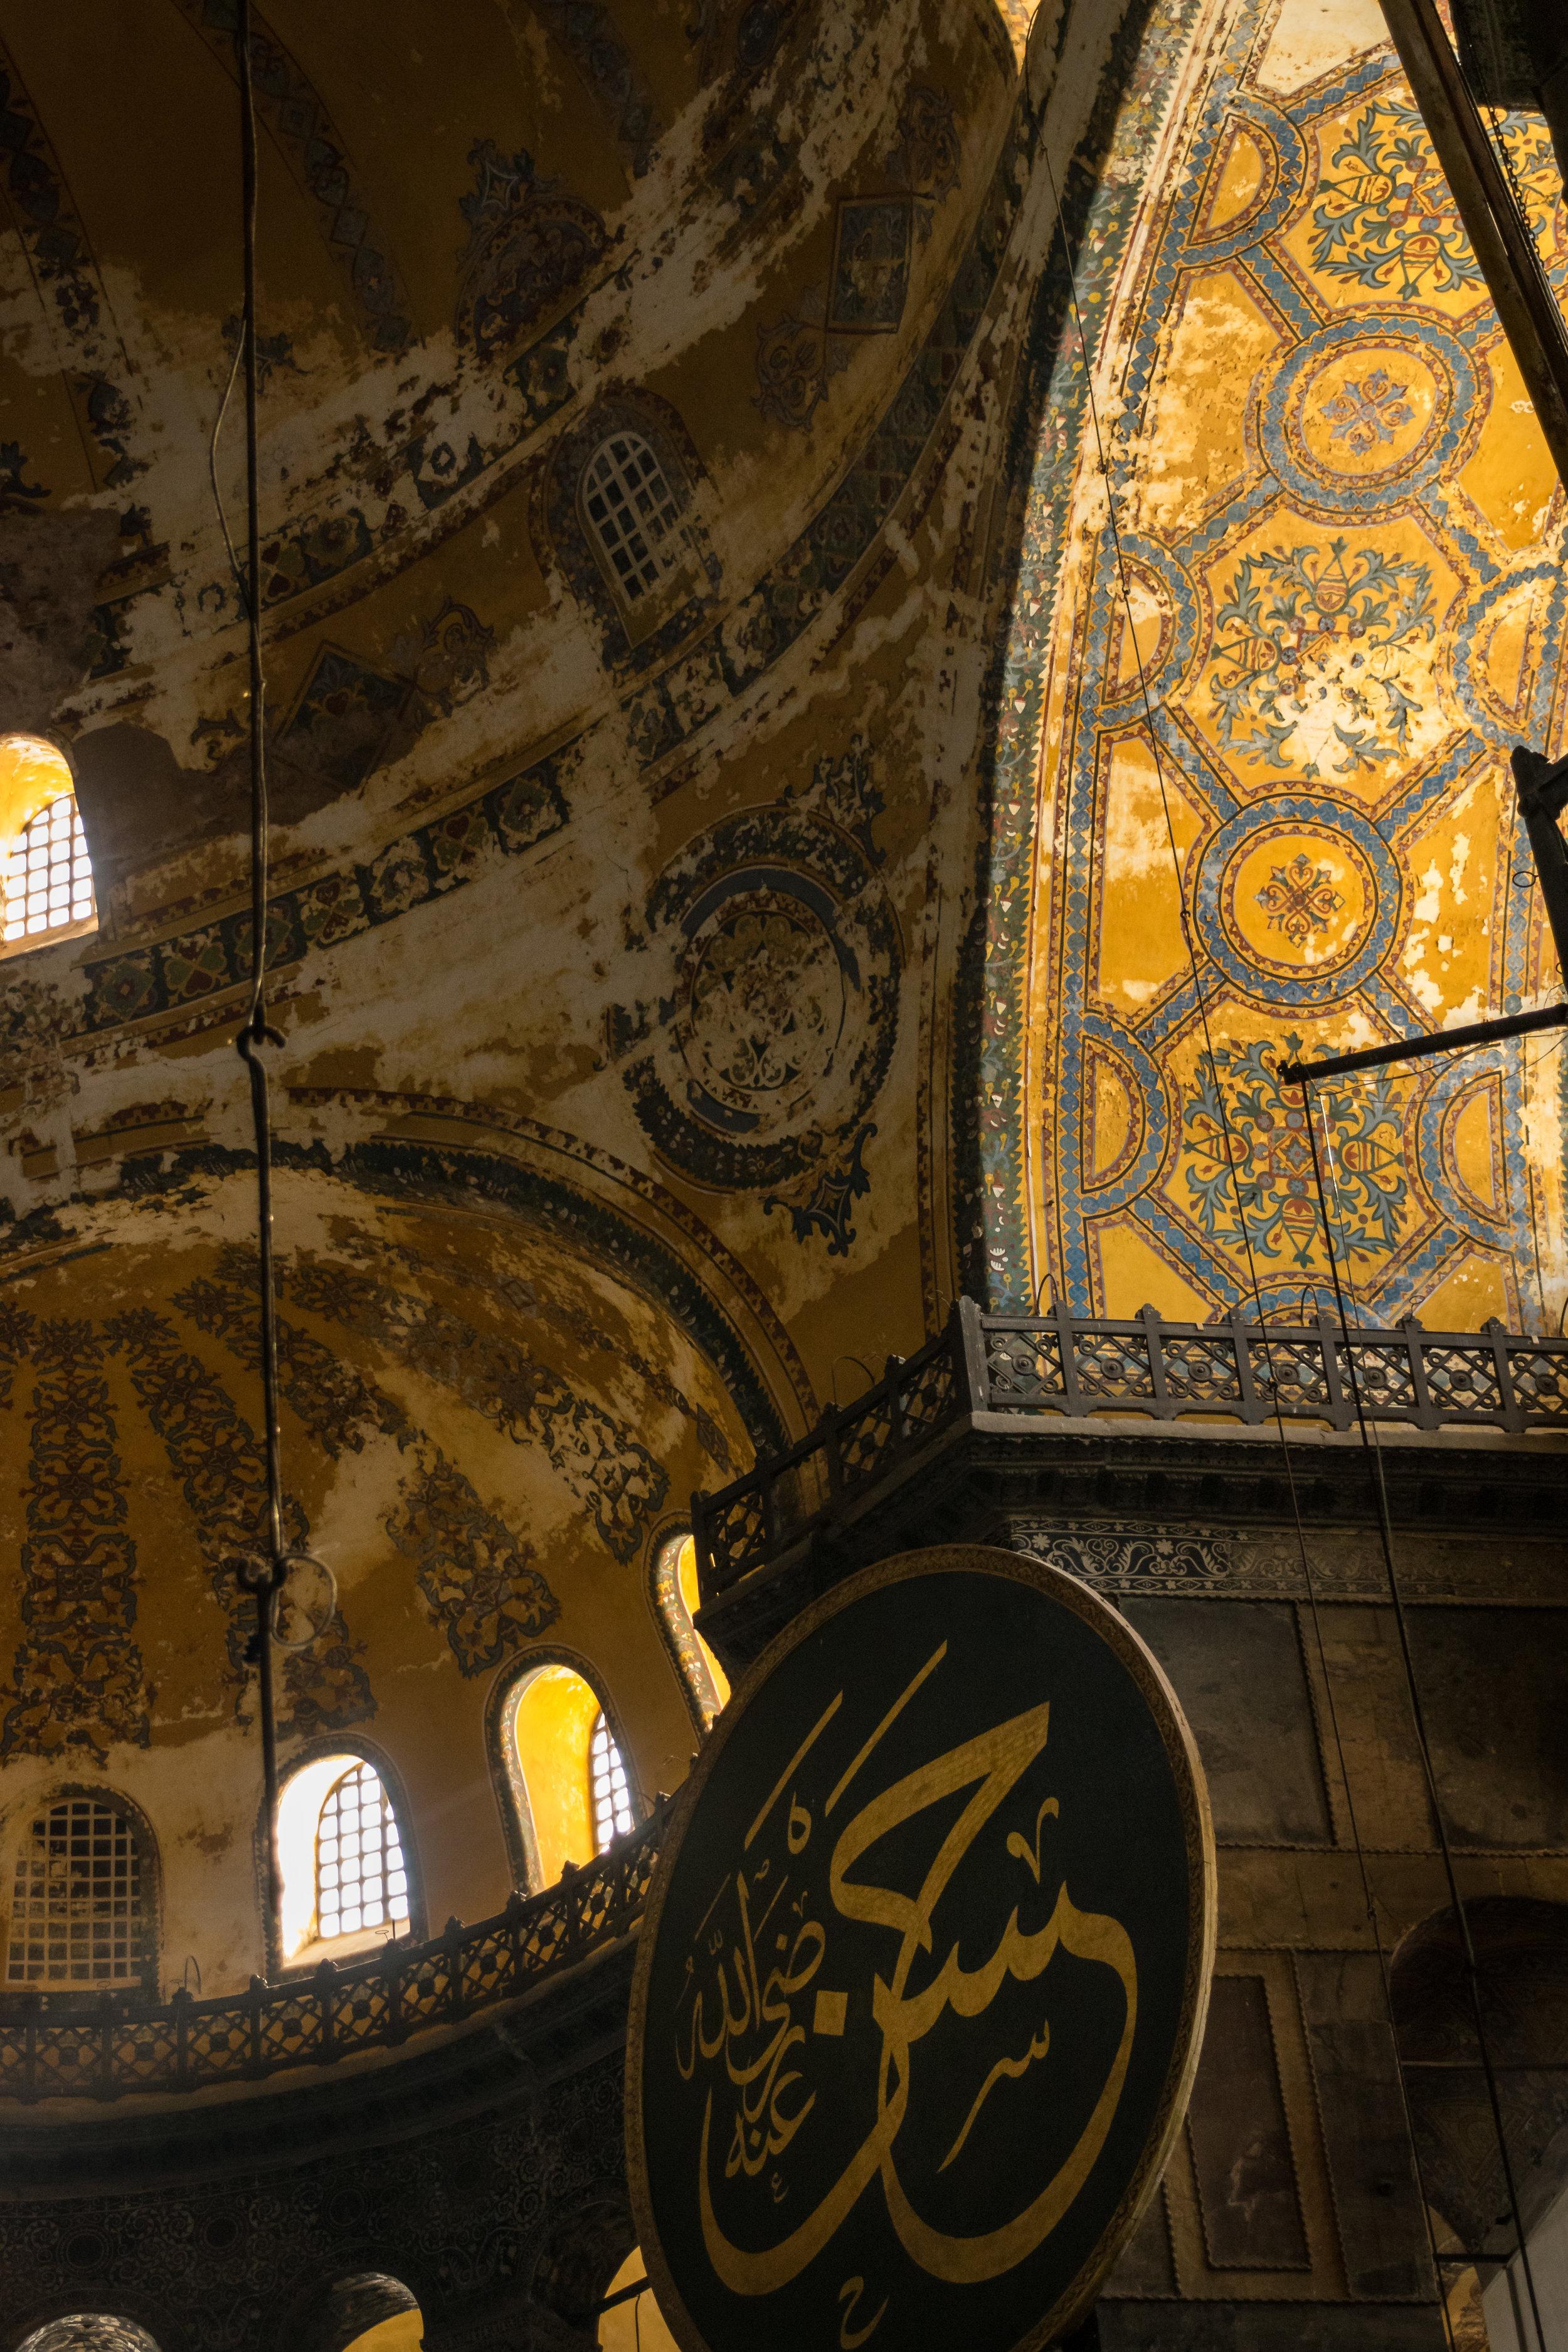 Istanbul UNESCO_Hagia Sophia-7.jpg